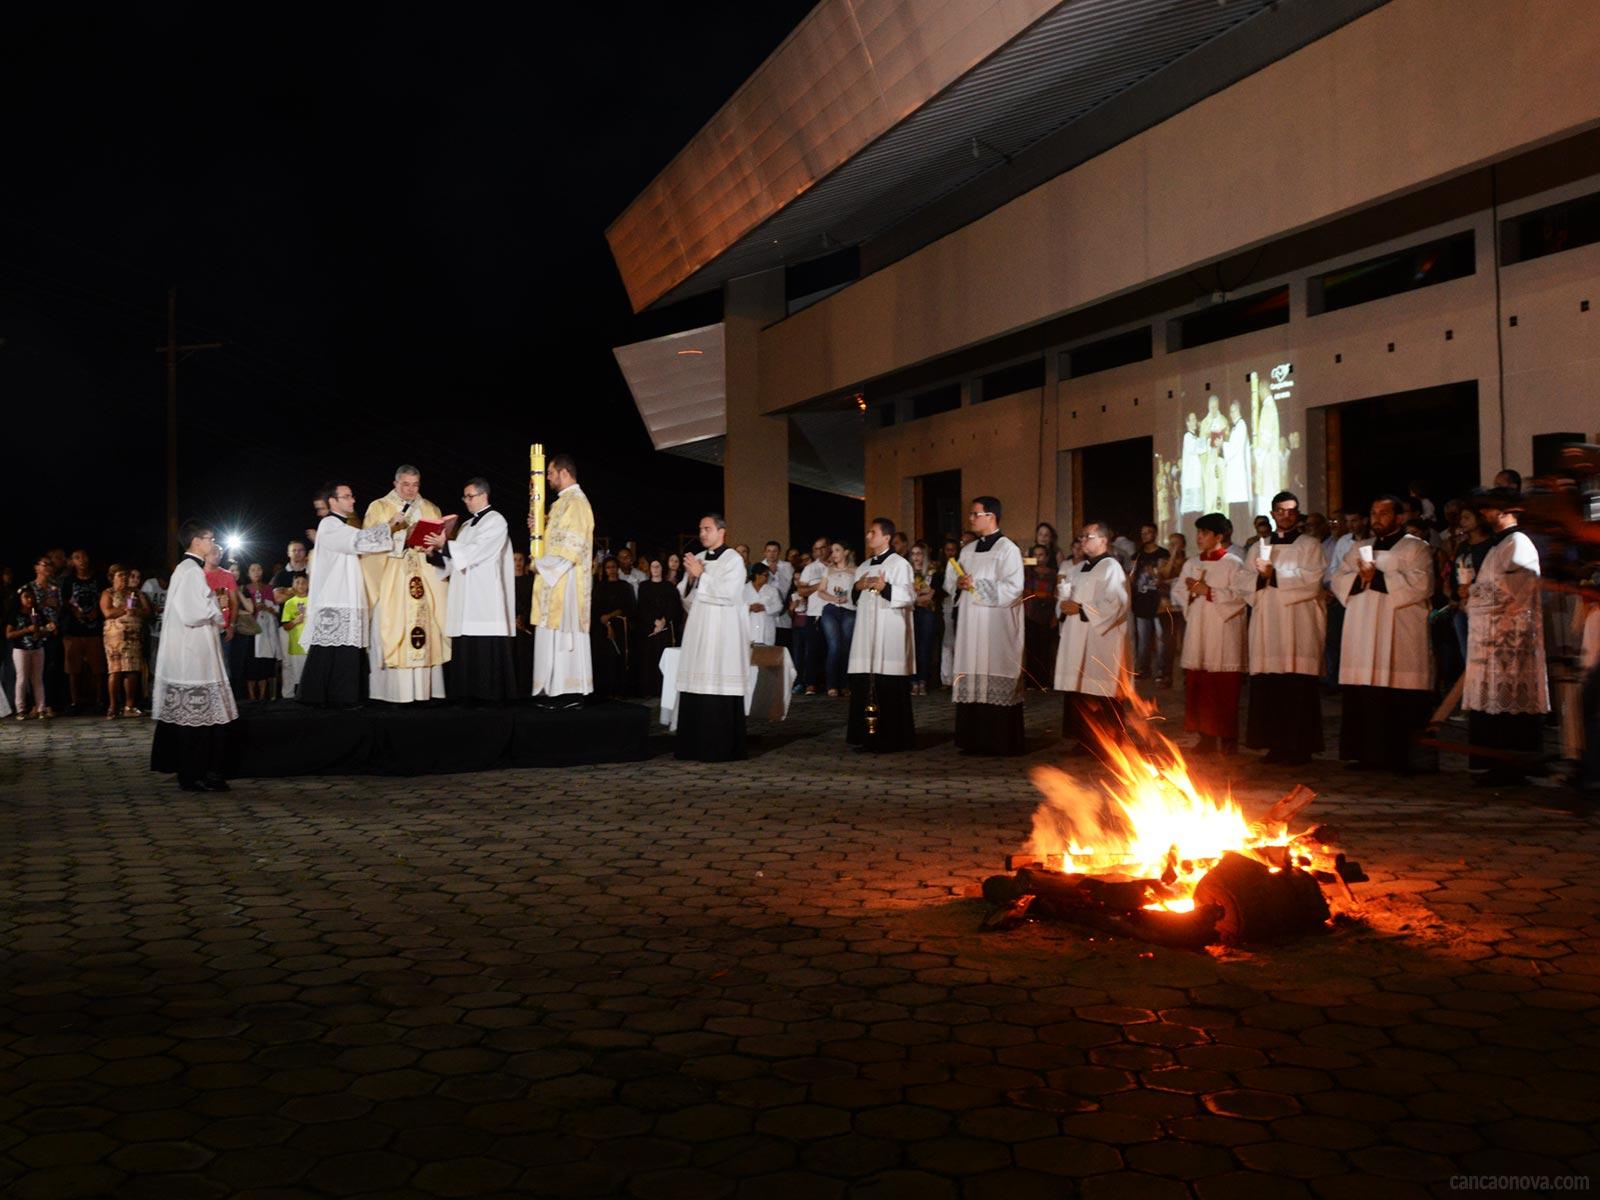 Saiba como é realizada a liturgia da Vigília Pascal